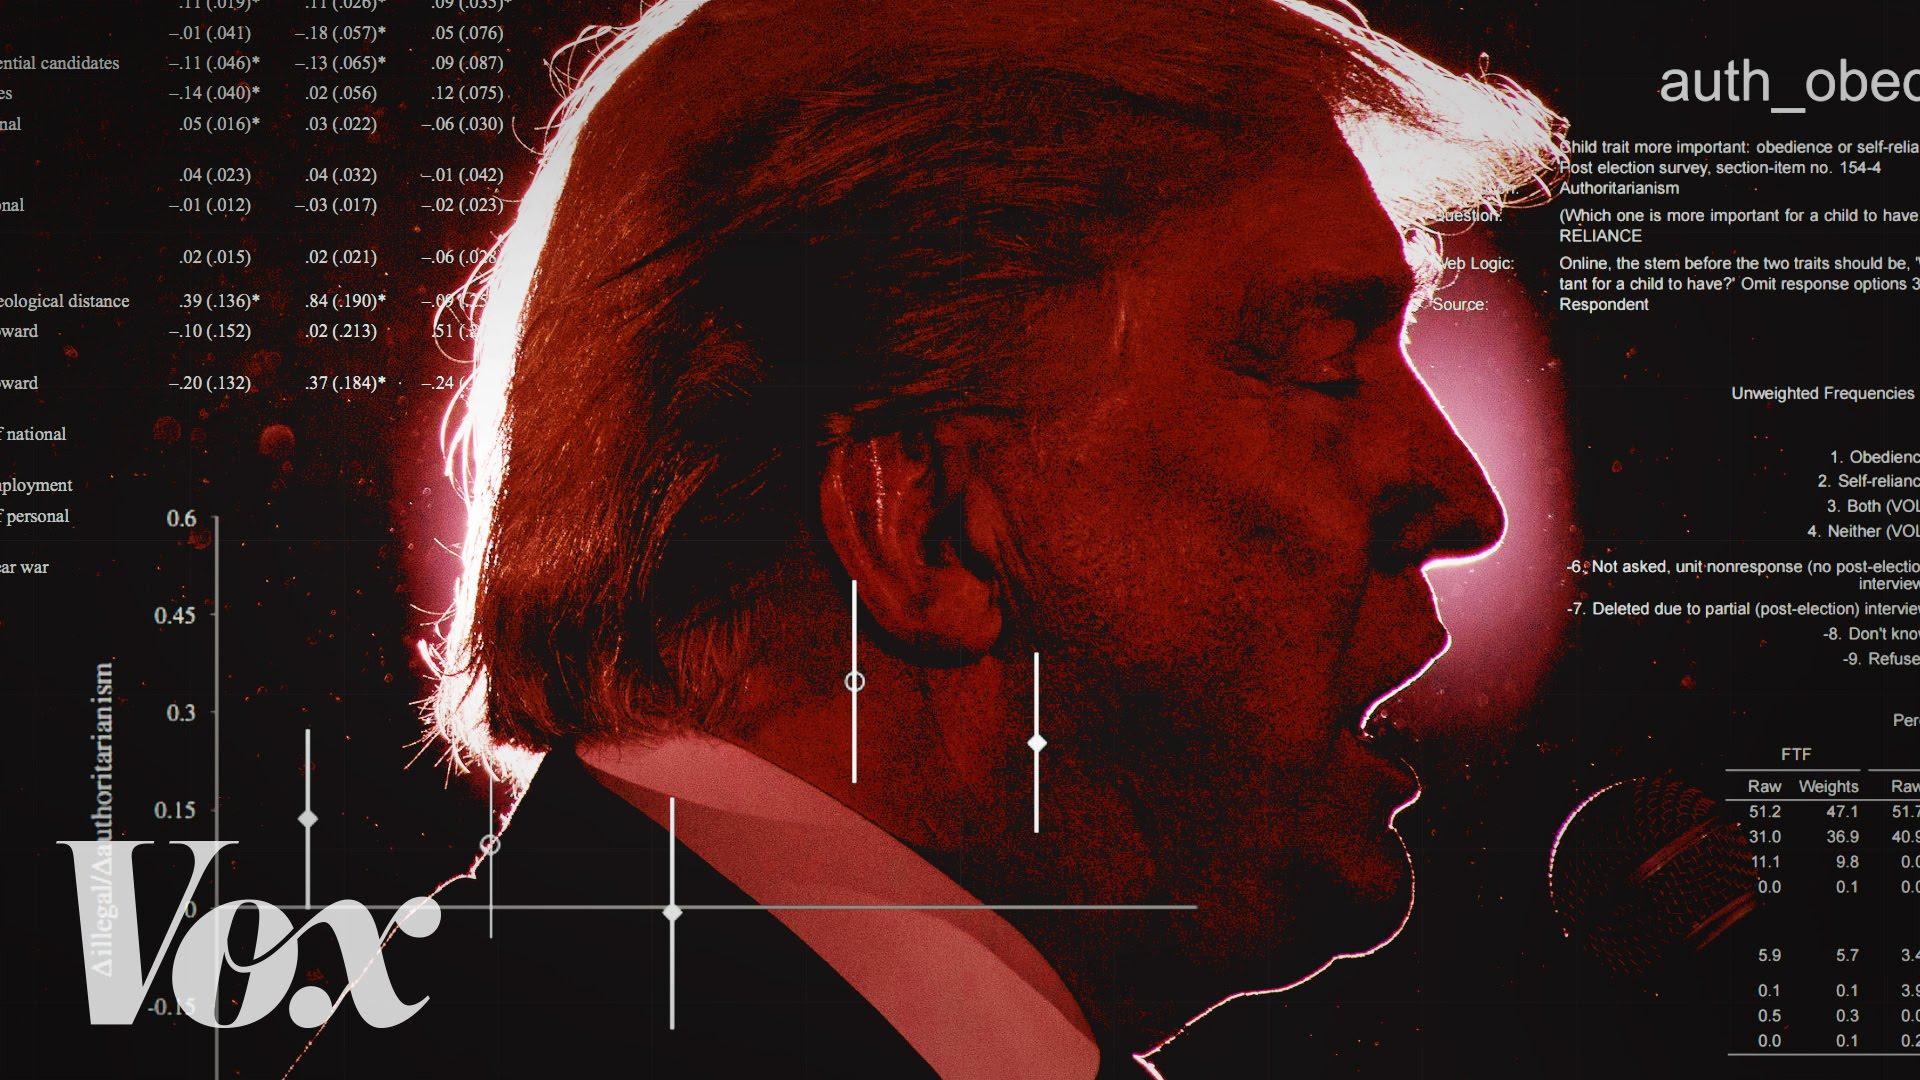 Trumps framgångar förklarade